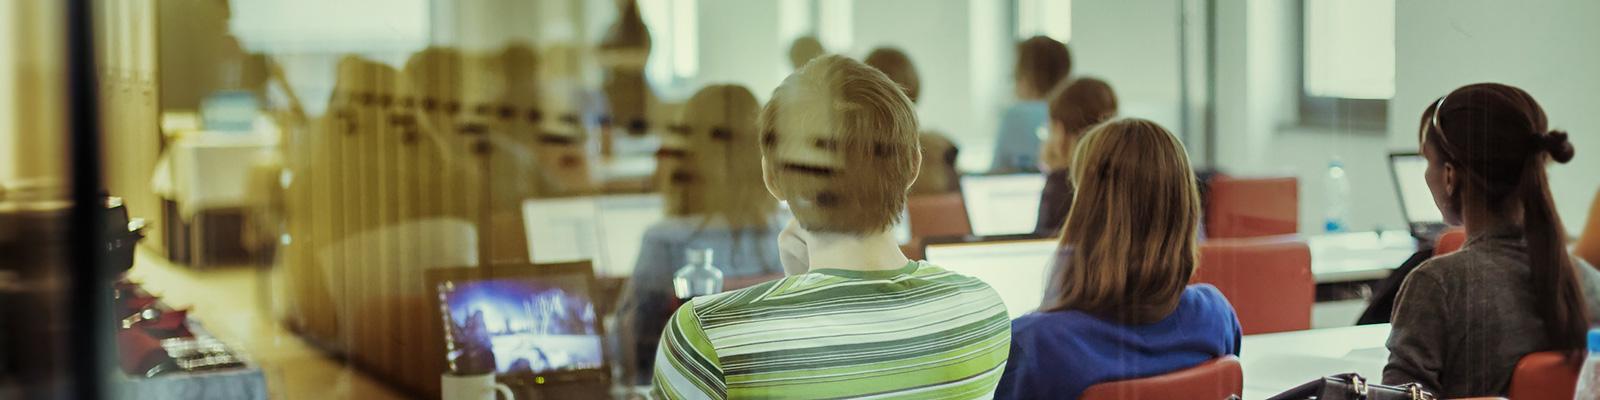 コンピューター 教室 イメージ